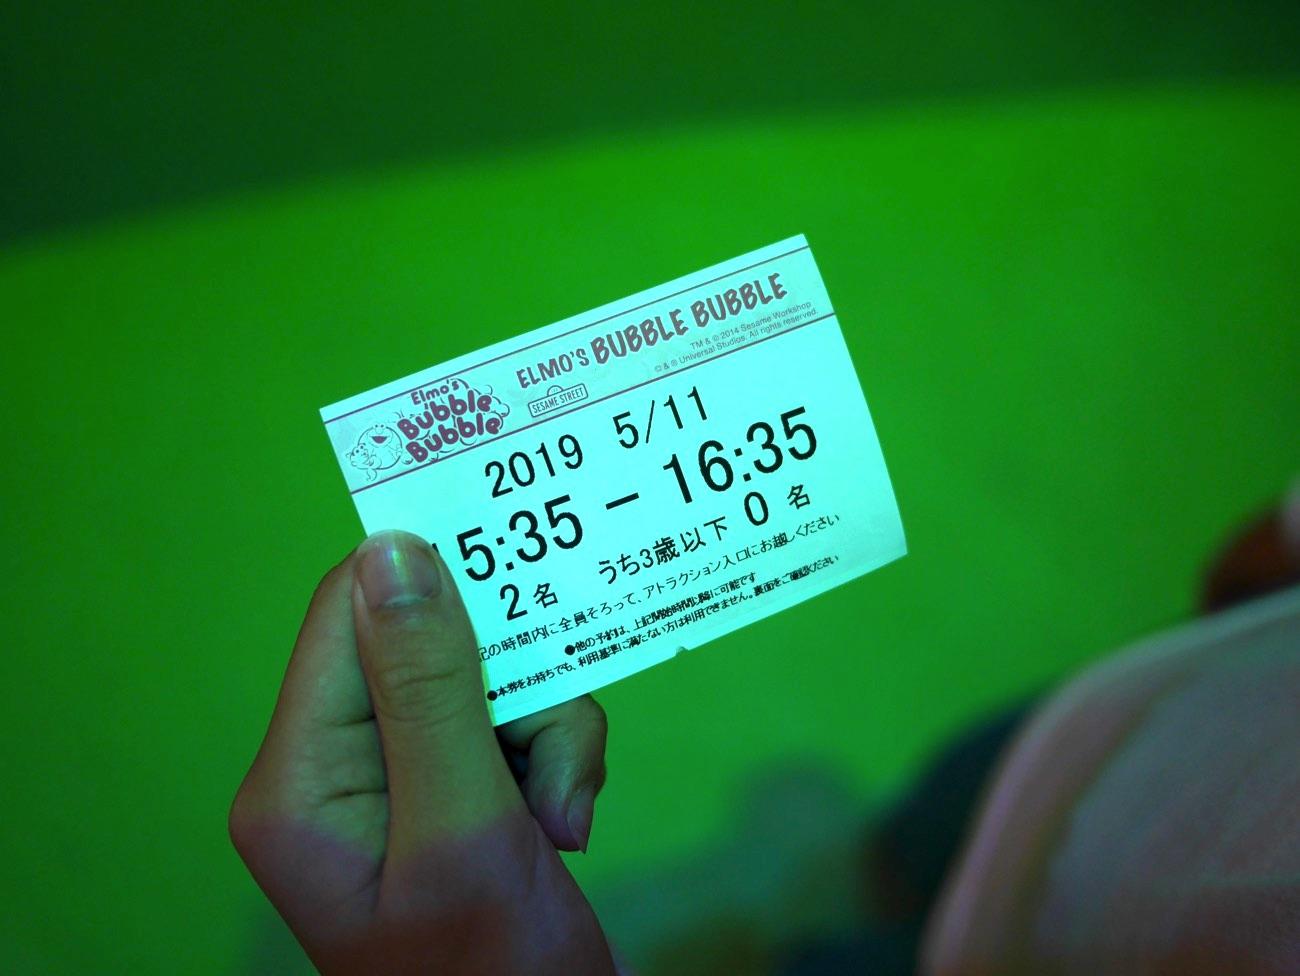 専用チケット(無料)